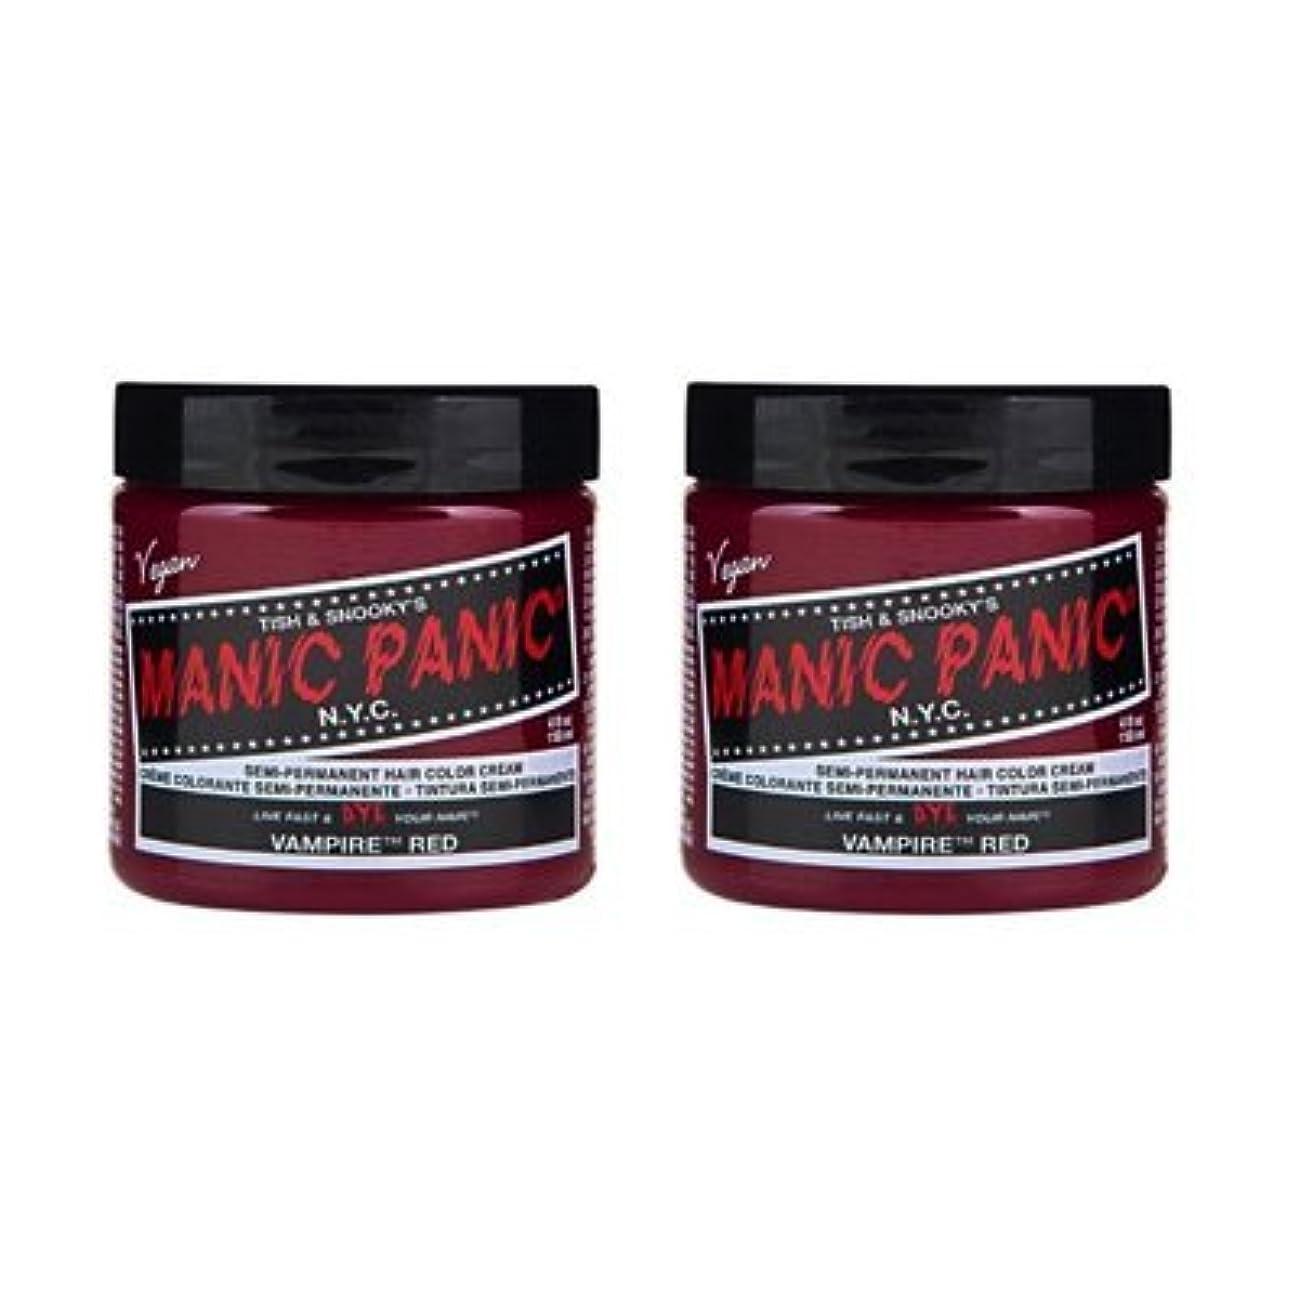 マイルグリット修士号【2個セット】MANIC PANIC マニックパニック Vampire Red (ヴァンパイア?レッド) 118ml